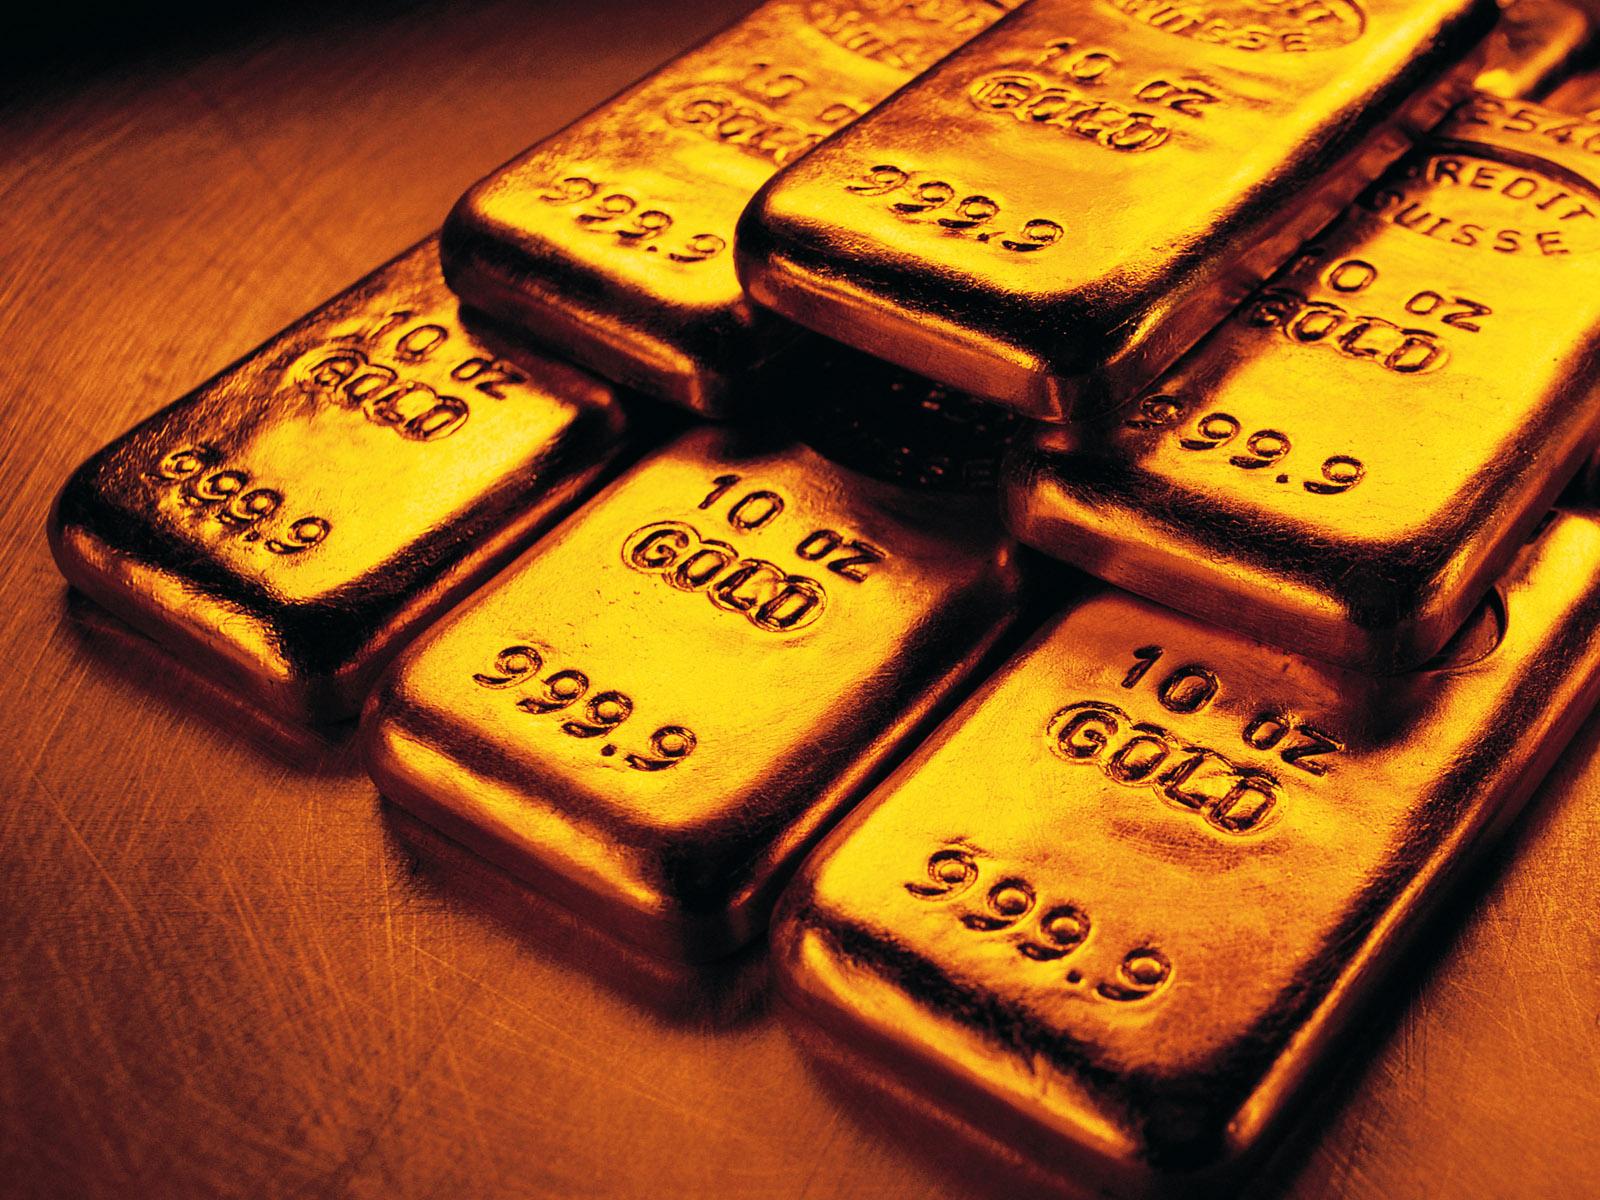 الذهب يستقر عند أدنى مستوياته منذ عام بسبب قوة الدولار